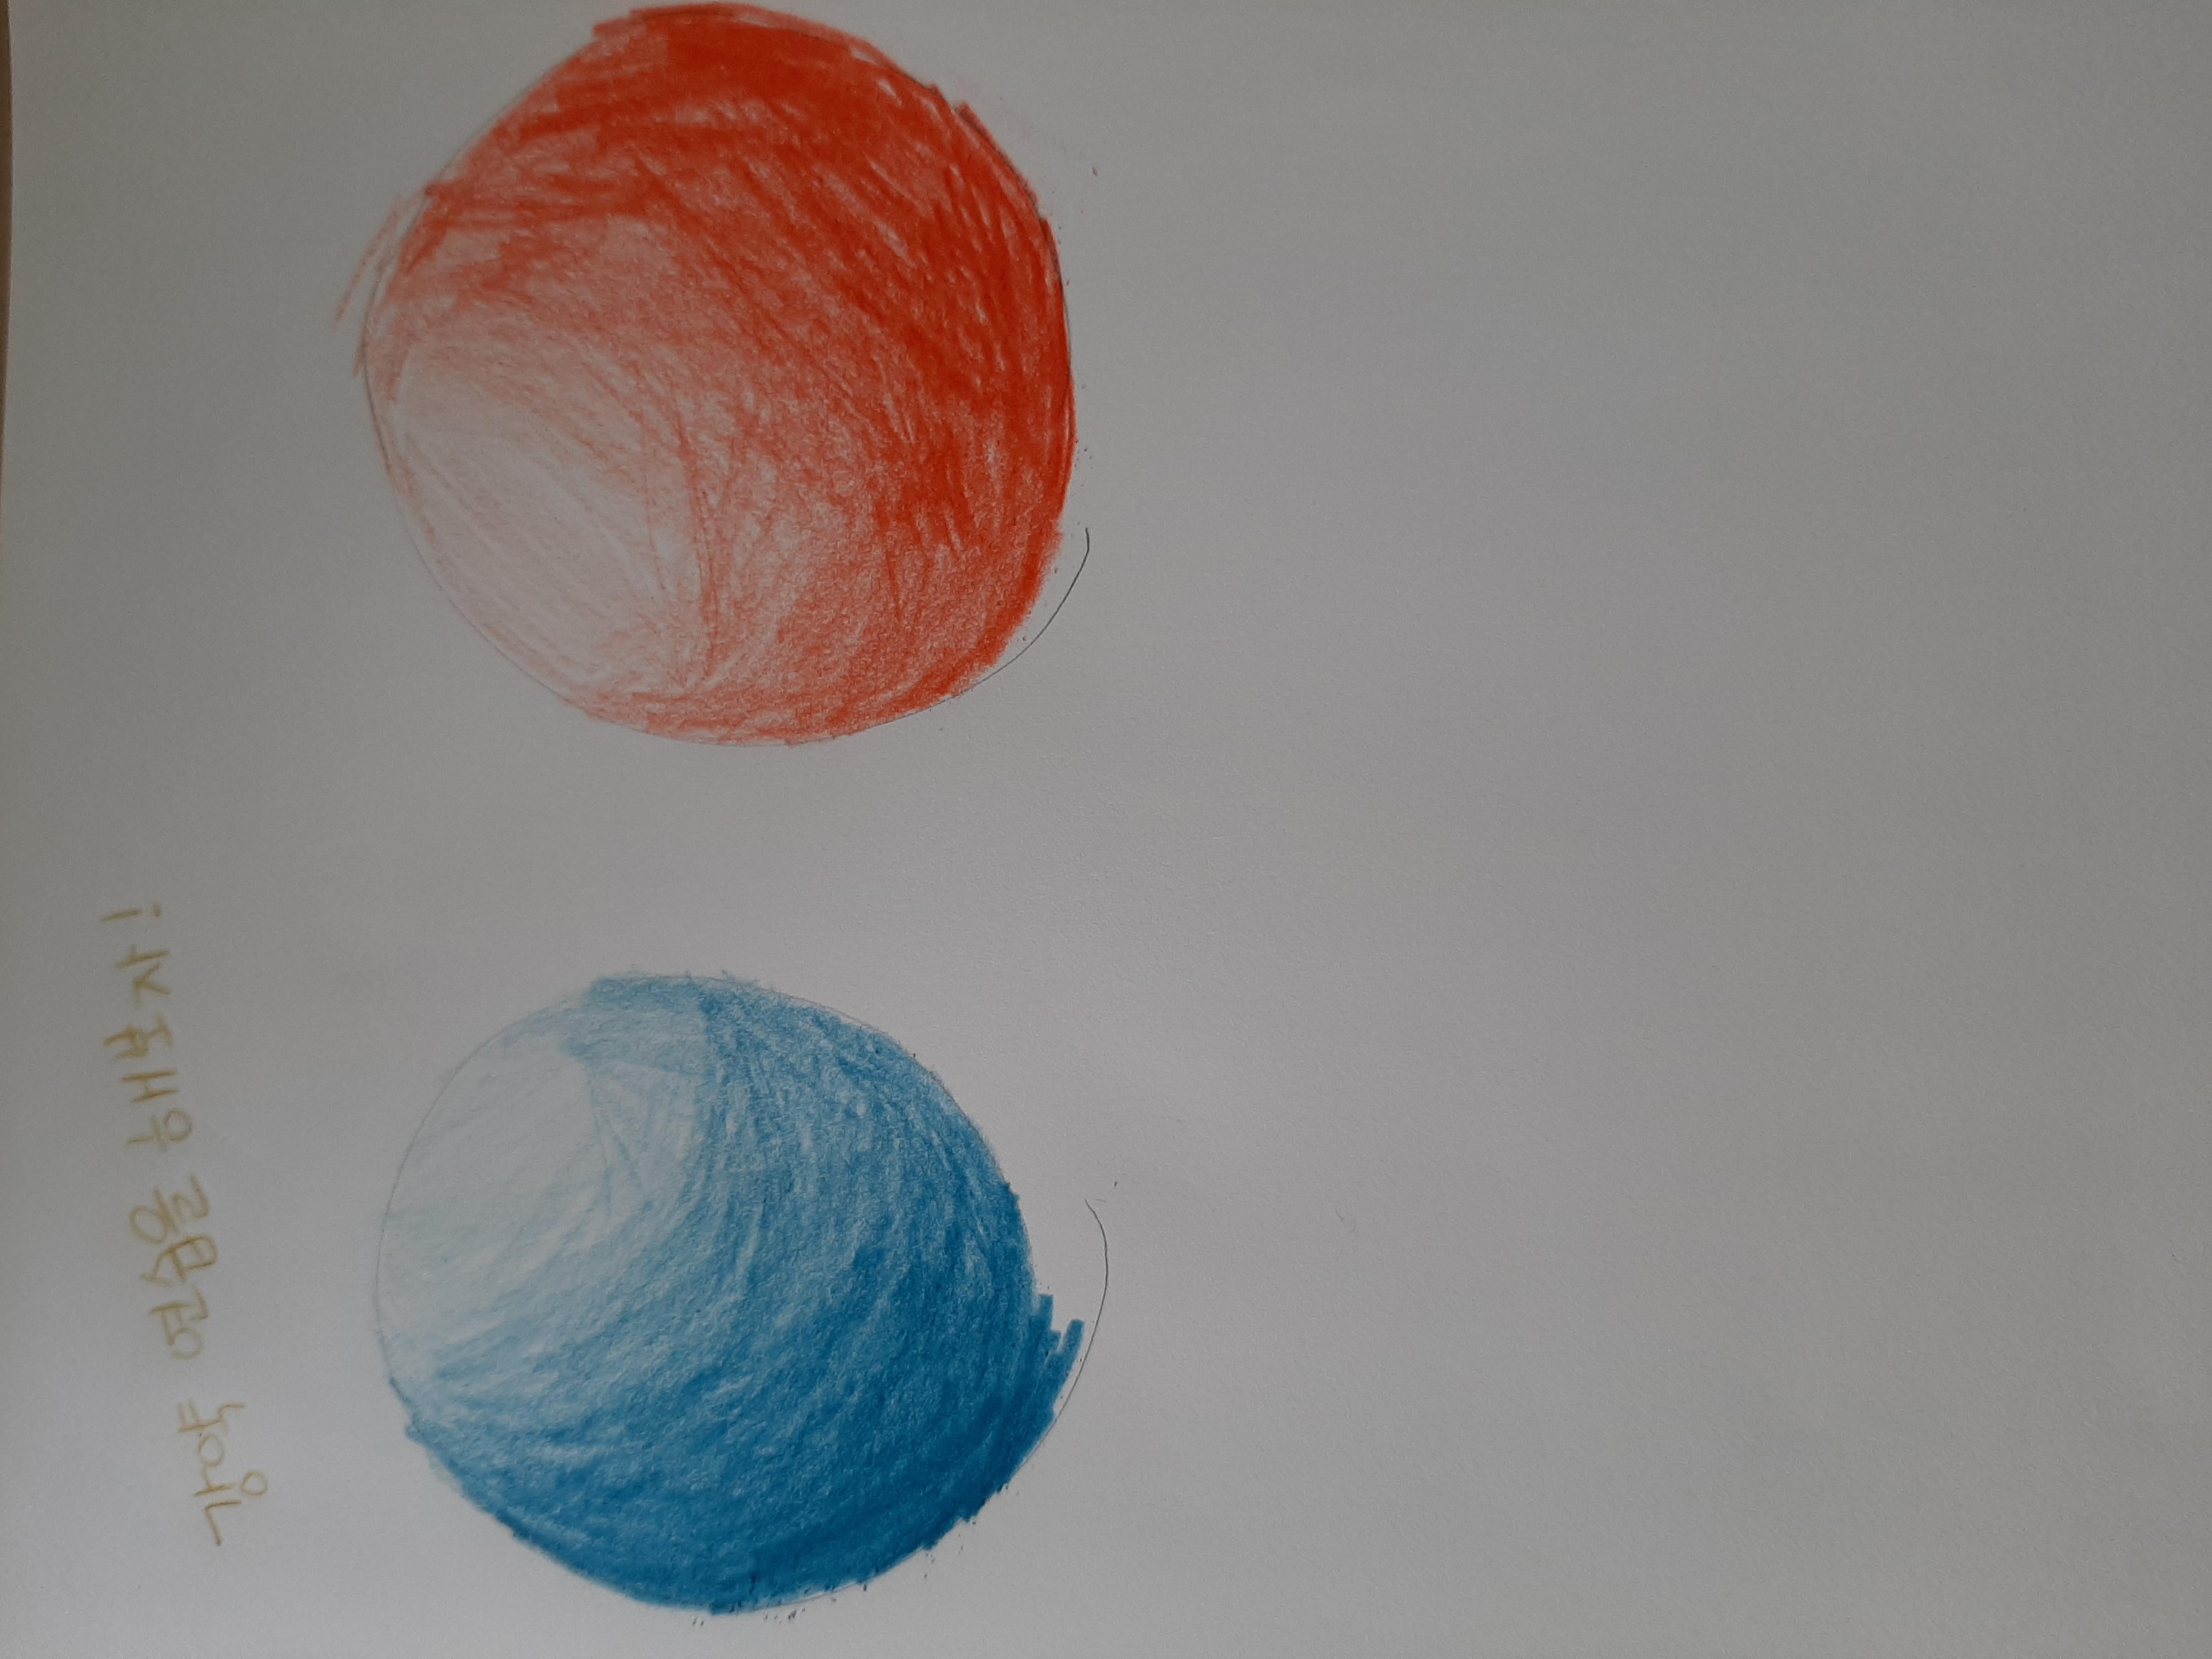 [일반] [진로] 행복한 색연필 반 학생 과제의 첨부이미지 3